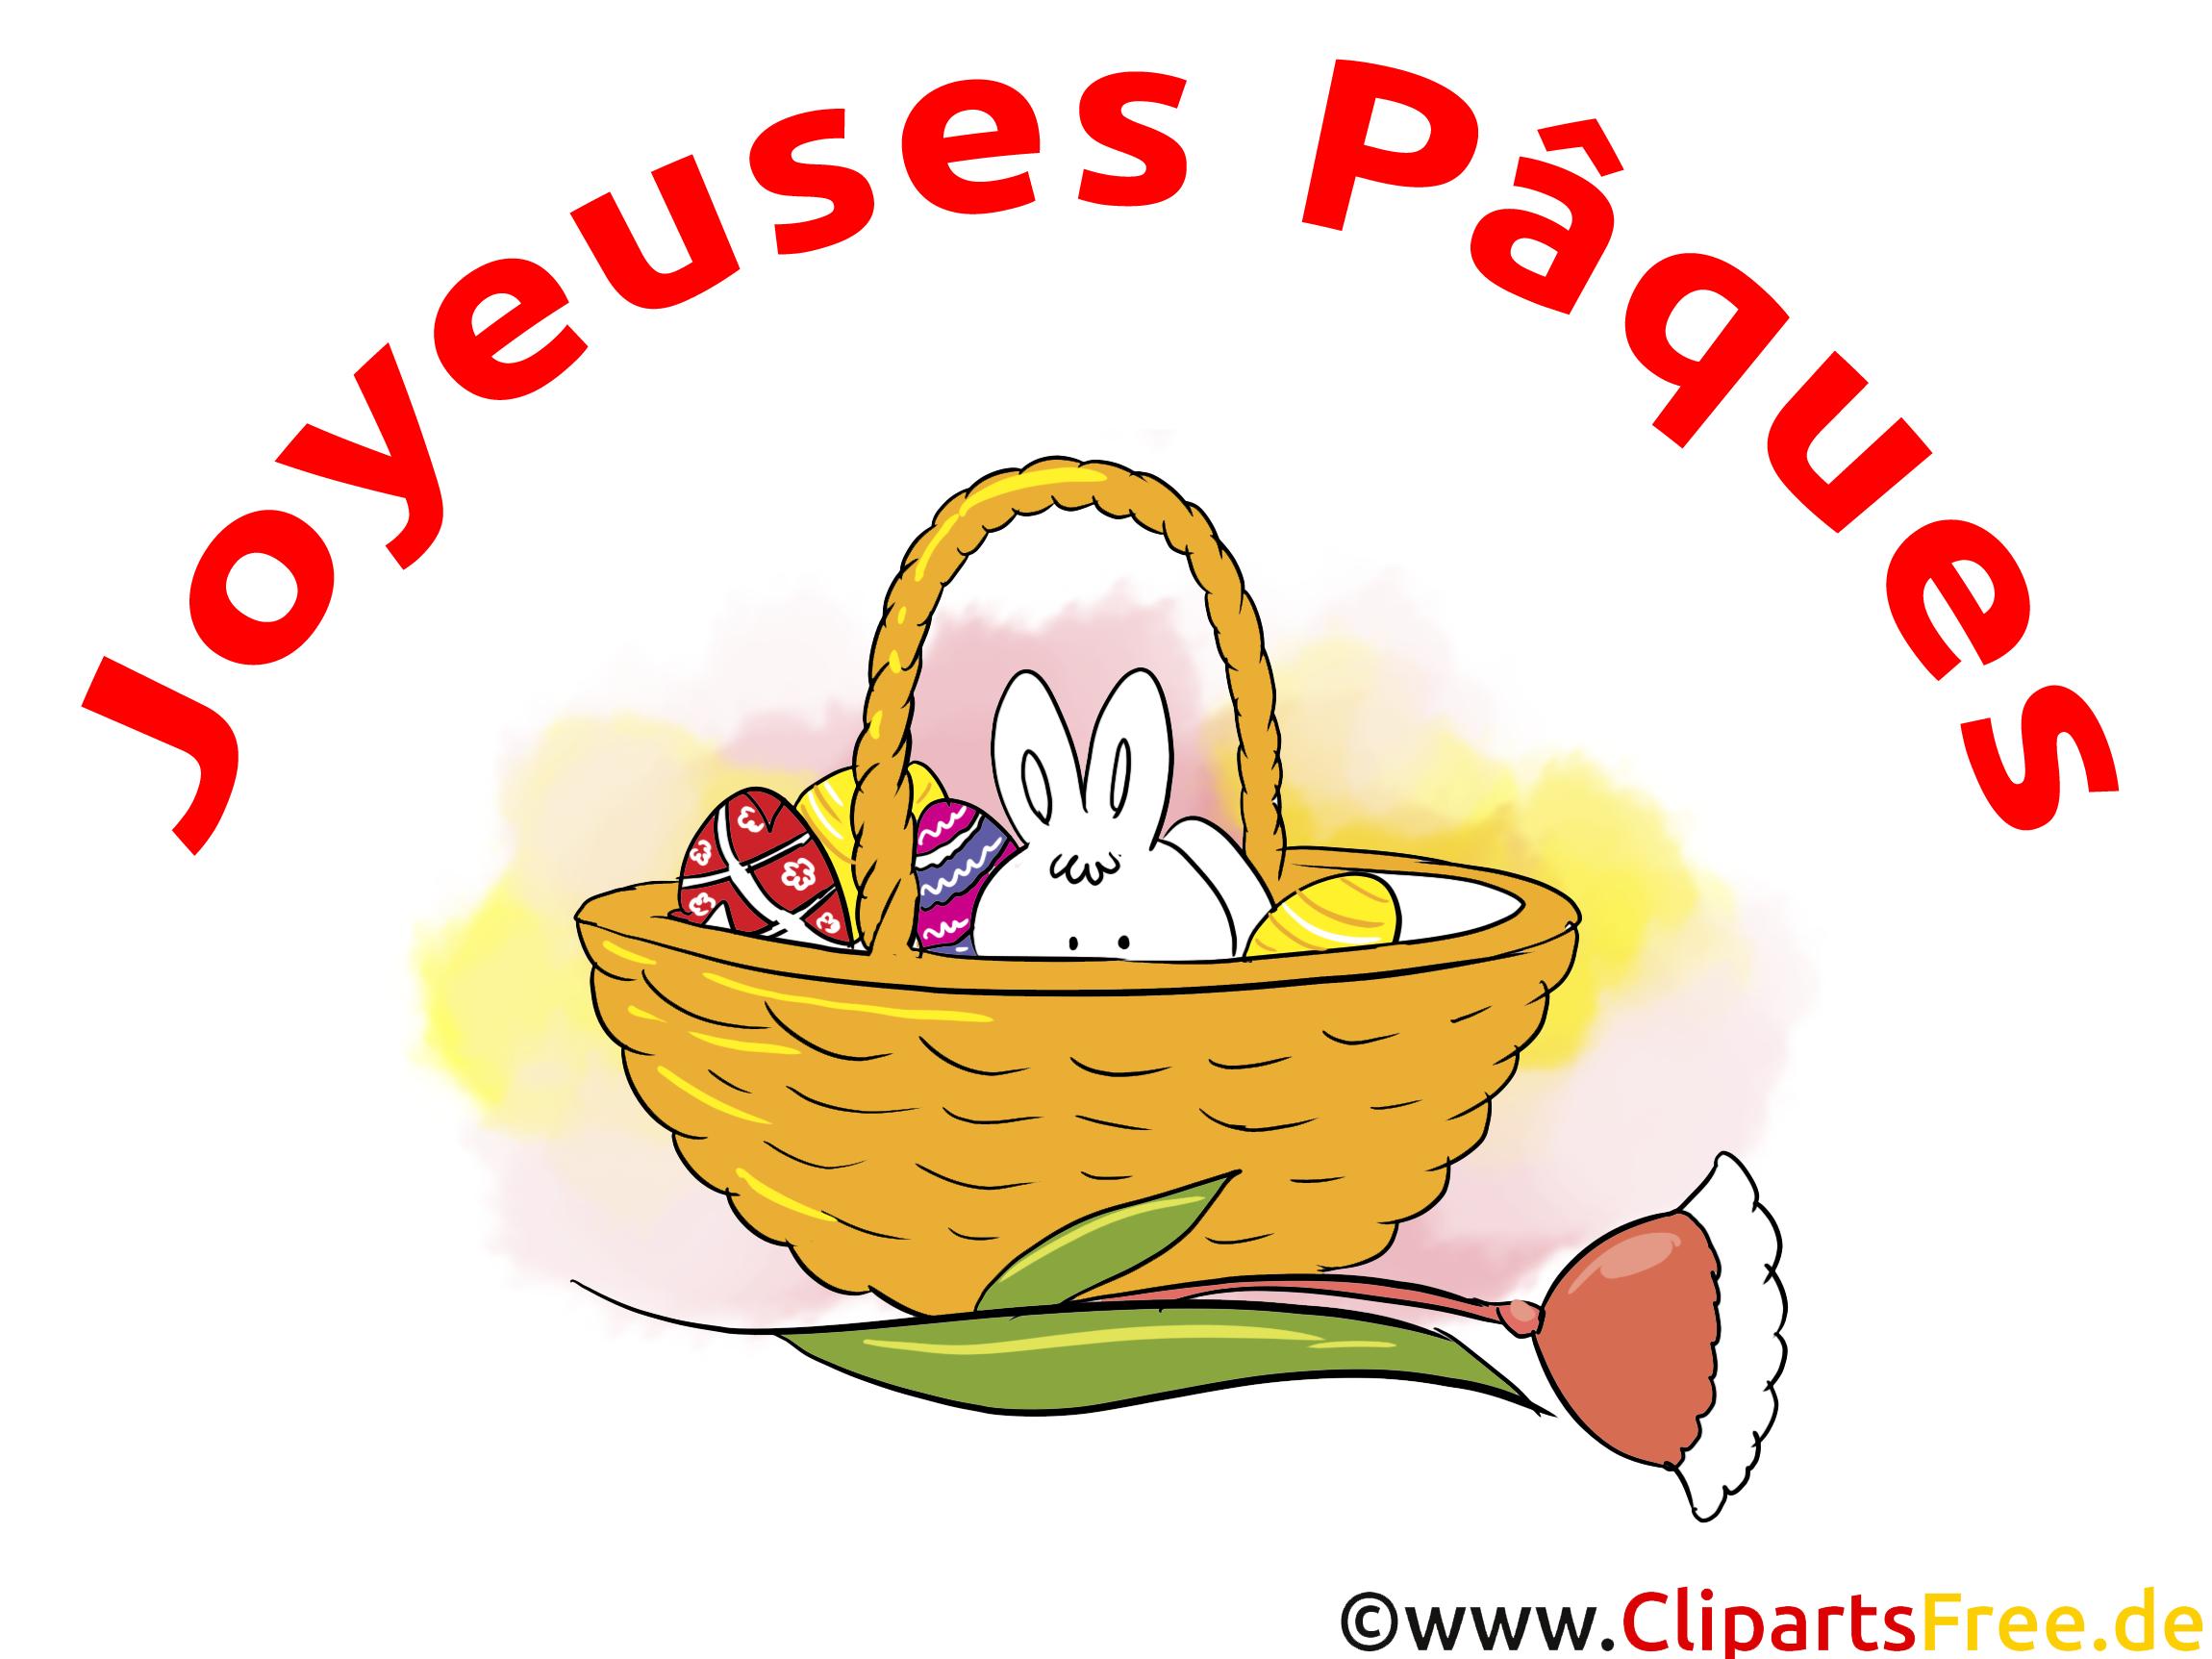 Panier illustration - Pâques images